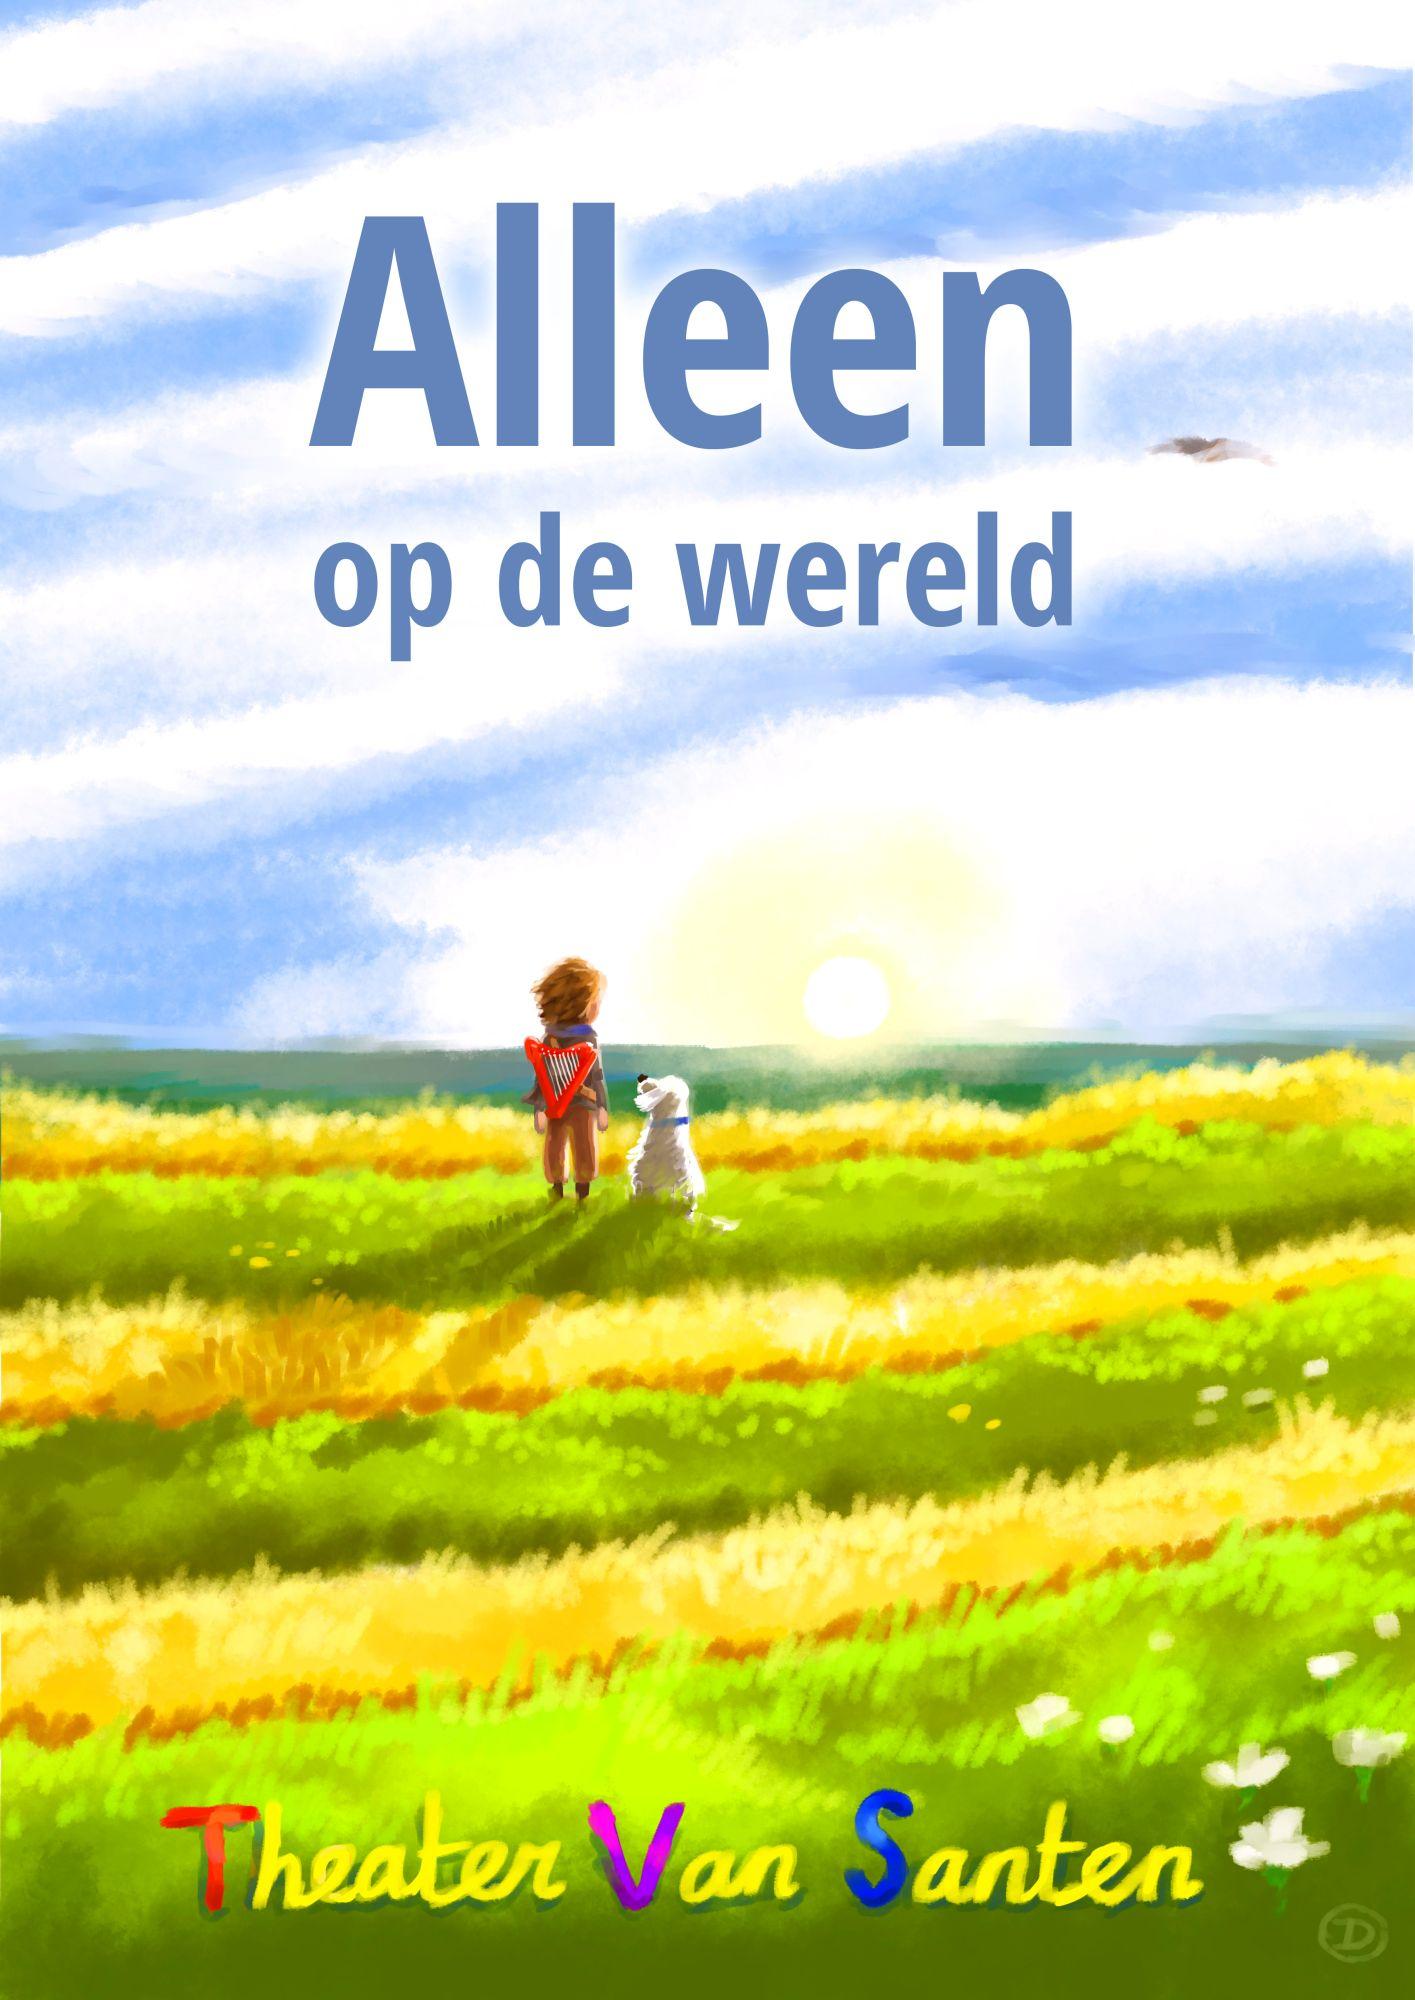 Theater_Van_Santen-Alleen_op_de_wereld-flyer-270kb